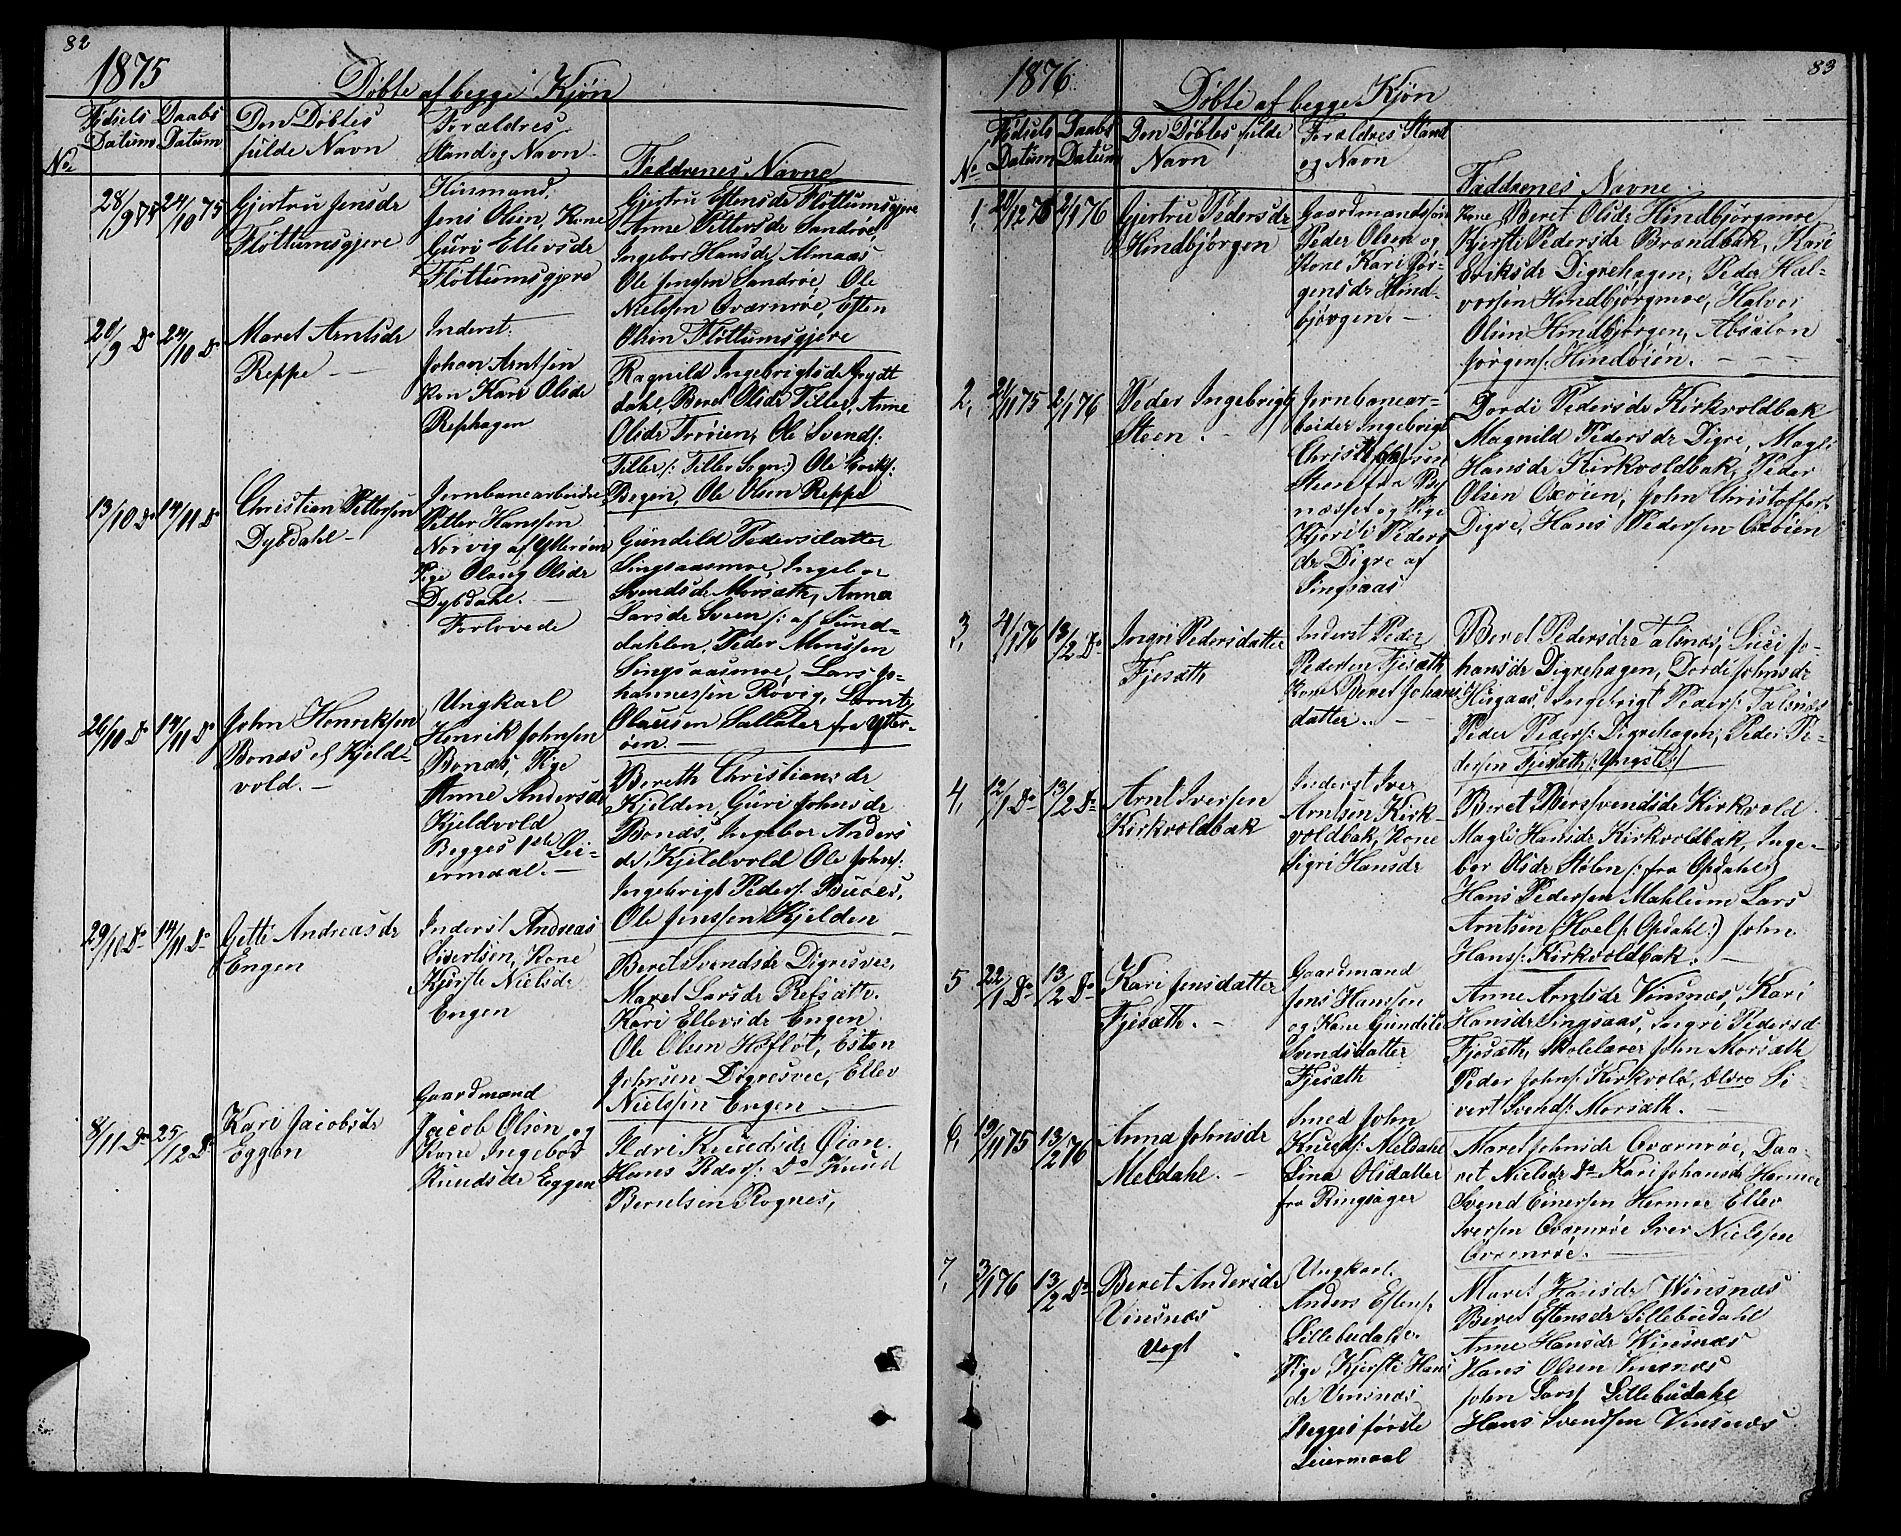 SAT, Ministerialprotokoller, klokkerbøker og fødselsregistre - Sør-Trøndelag, 688/L1027: Klokkerbok nr. 688C02, 1861-1889, s. 82-83